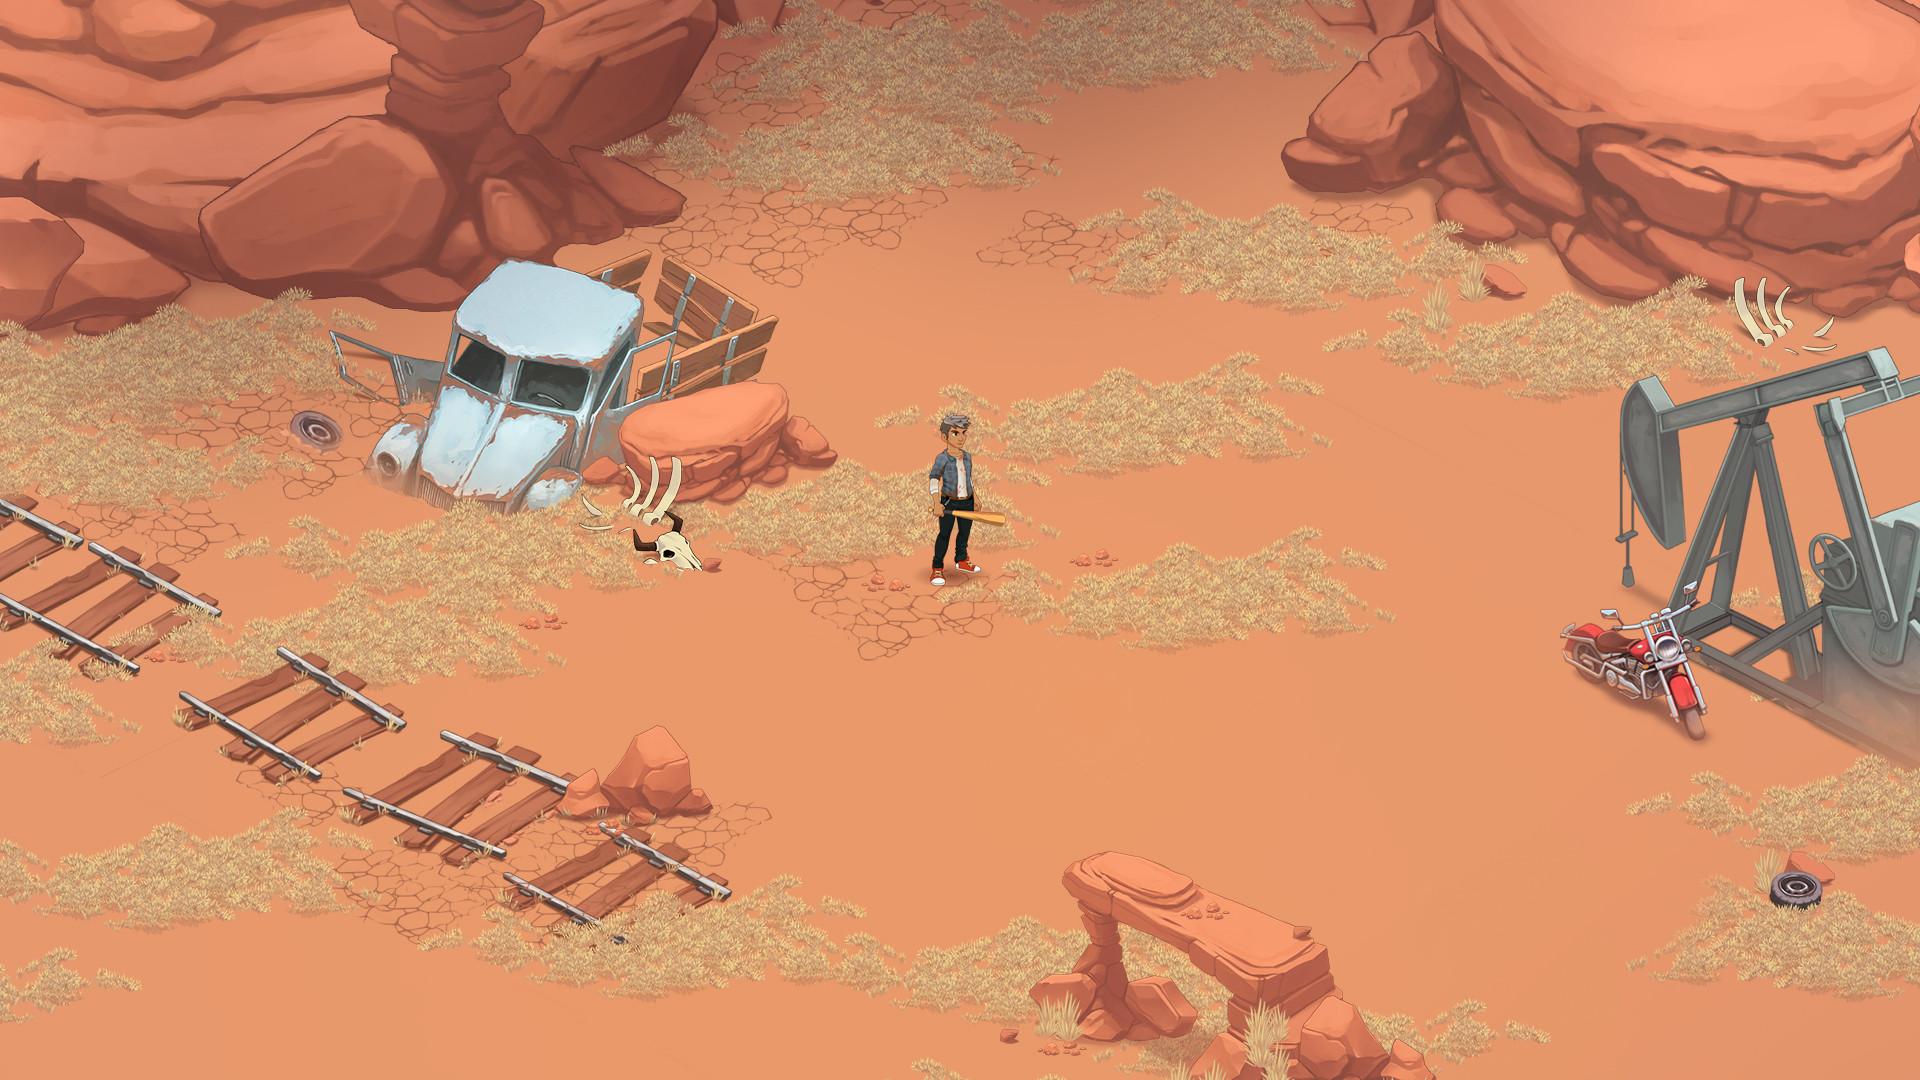 ArtStation - Dead Maze: Desert environment, Mathias Fekete